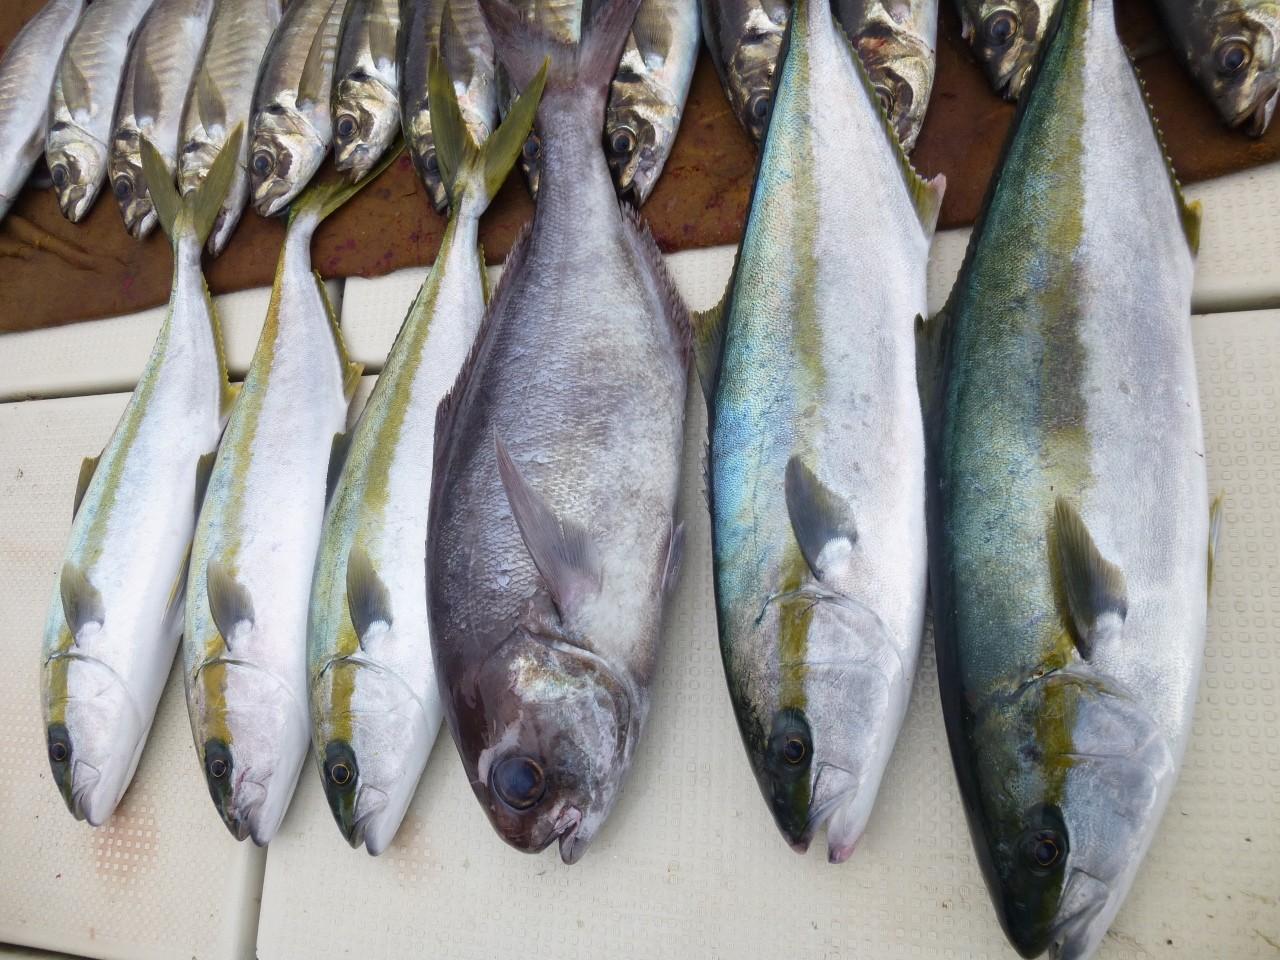 3月31日漁礁でメダイ5㎏超え ヒラマサ6kg超え・5kなし・ヒラゴ×3匹